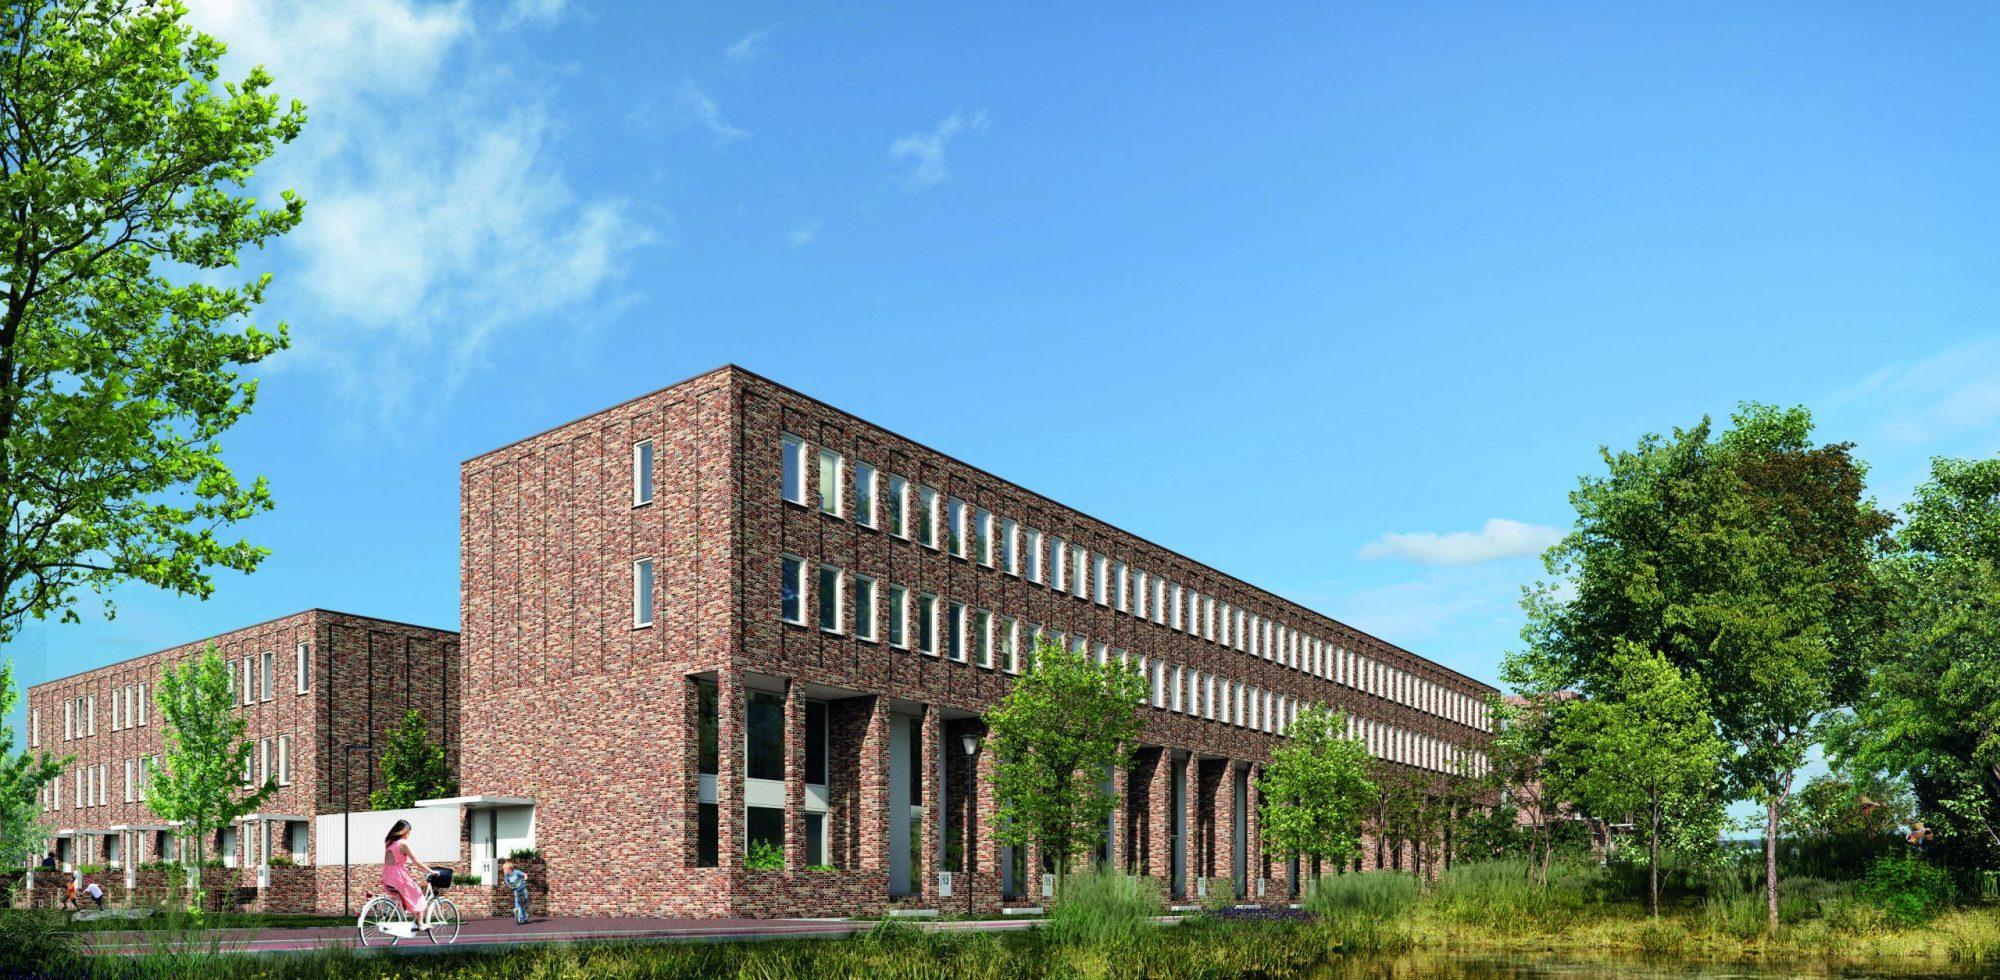 Morgen start verkoop 22 woningen Westerwal!